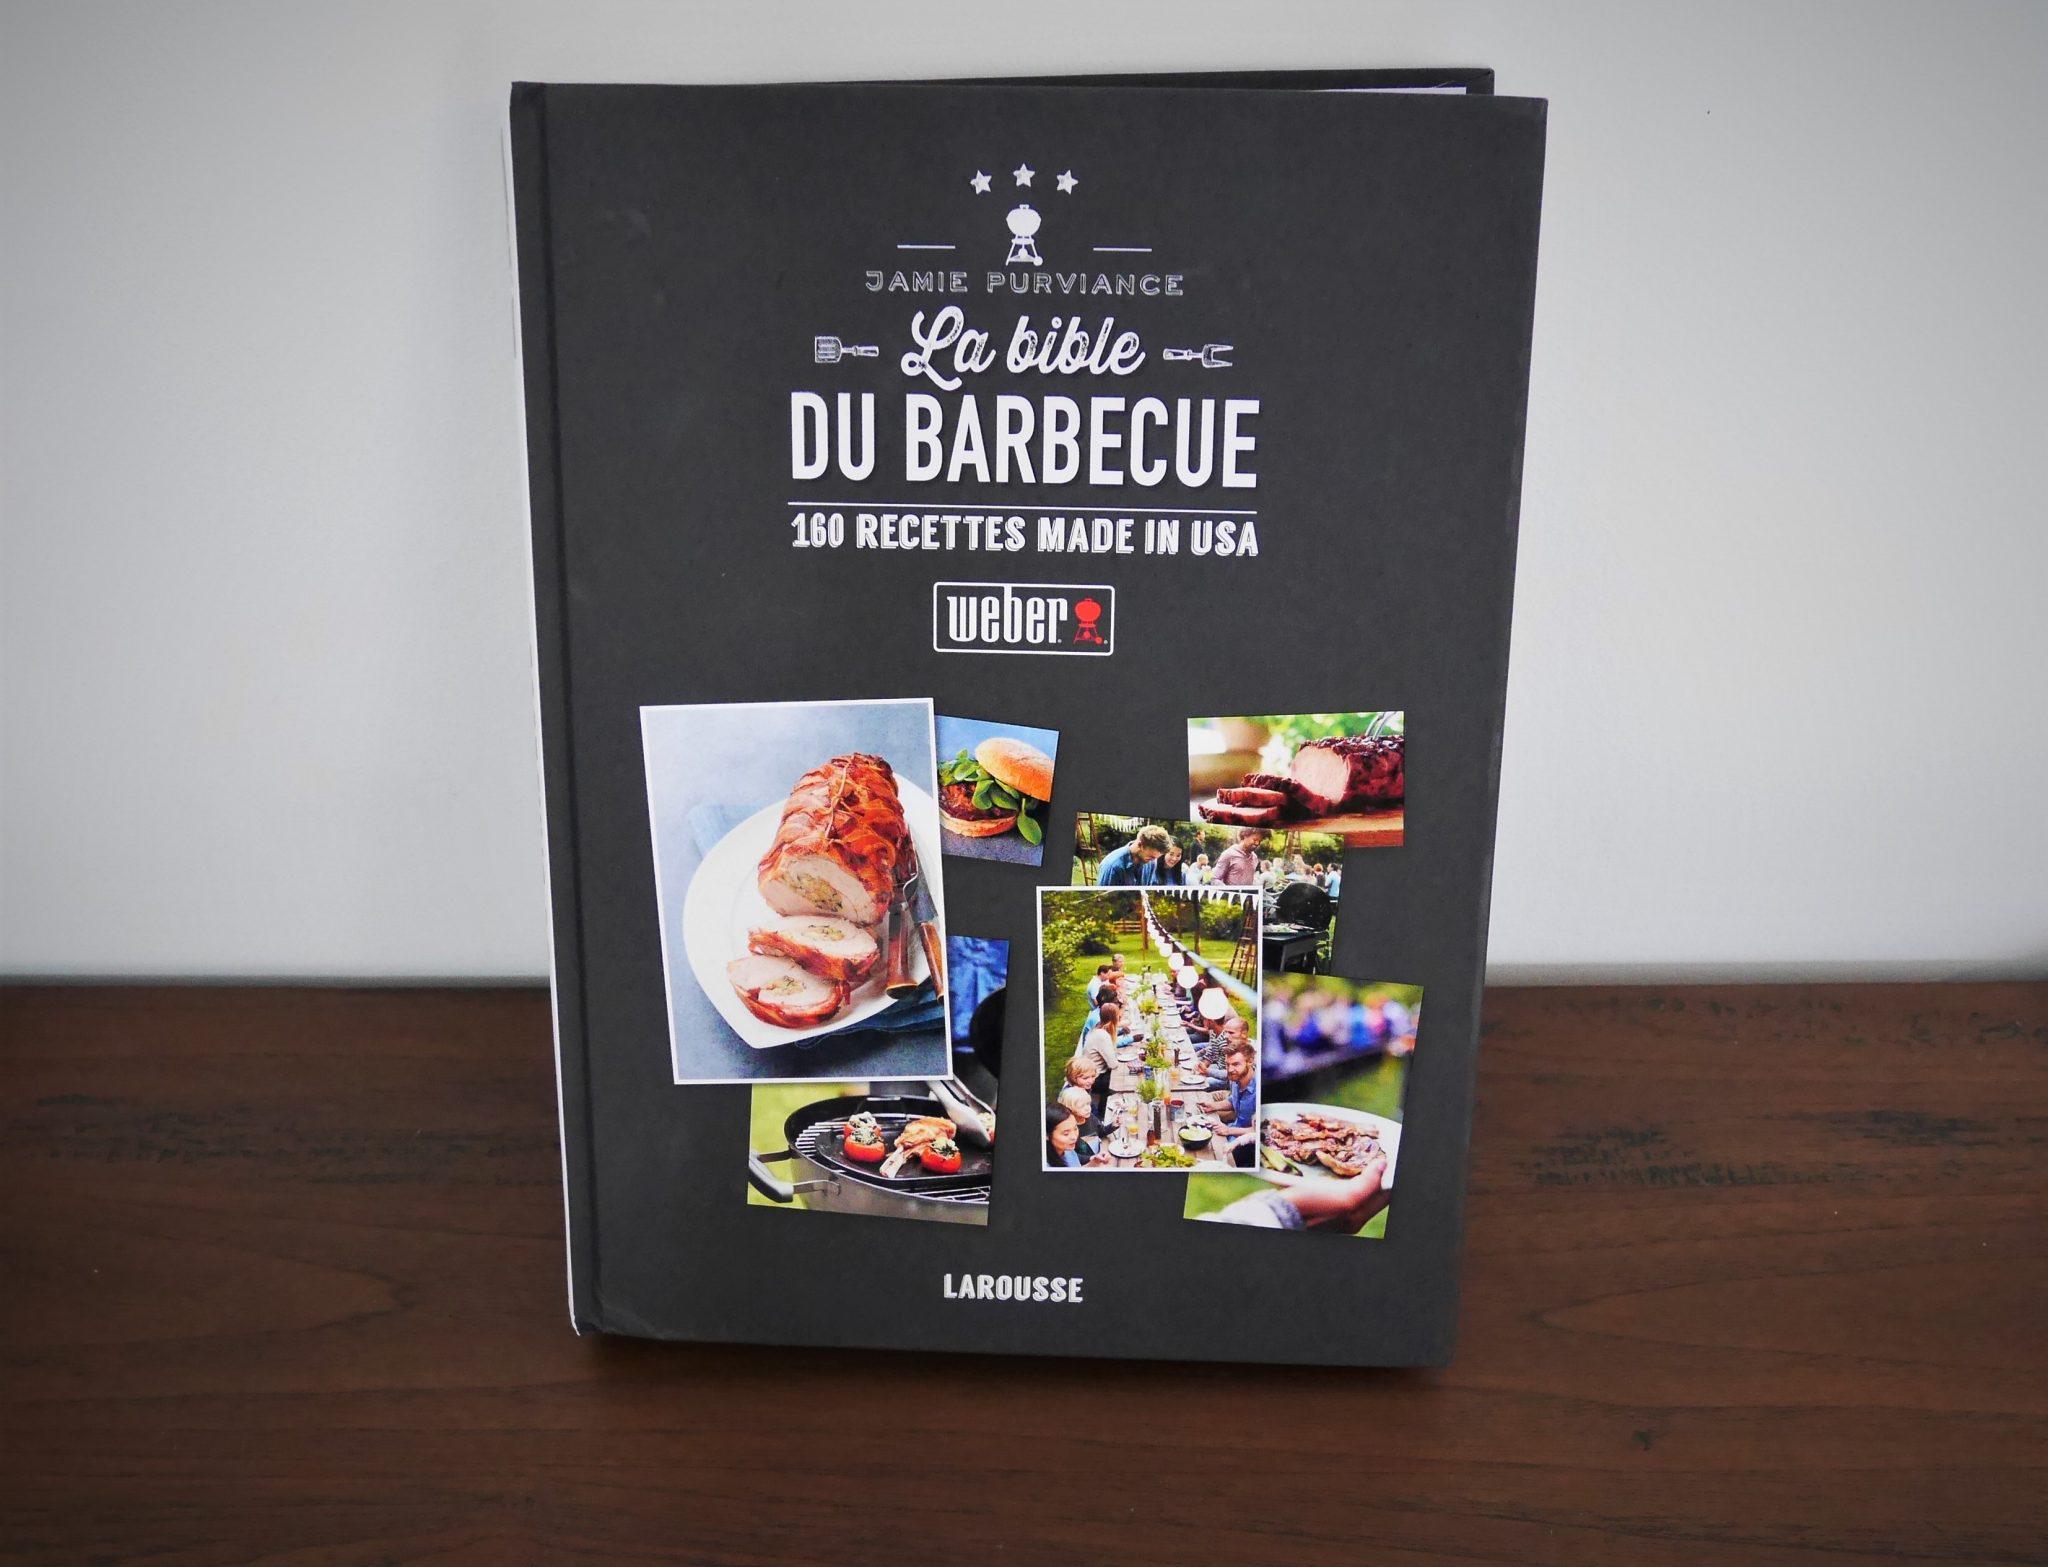 La bible du barbecue weber